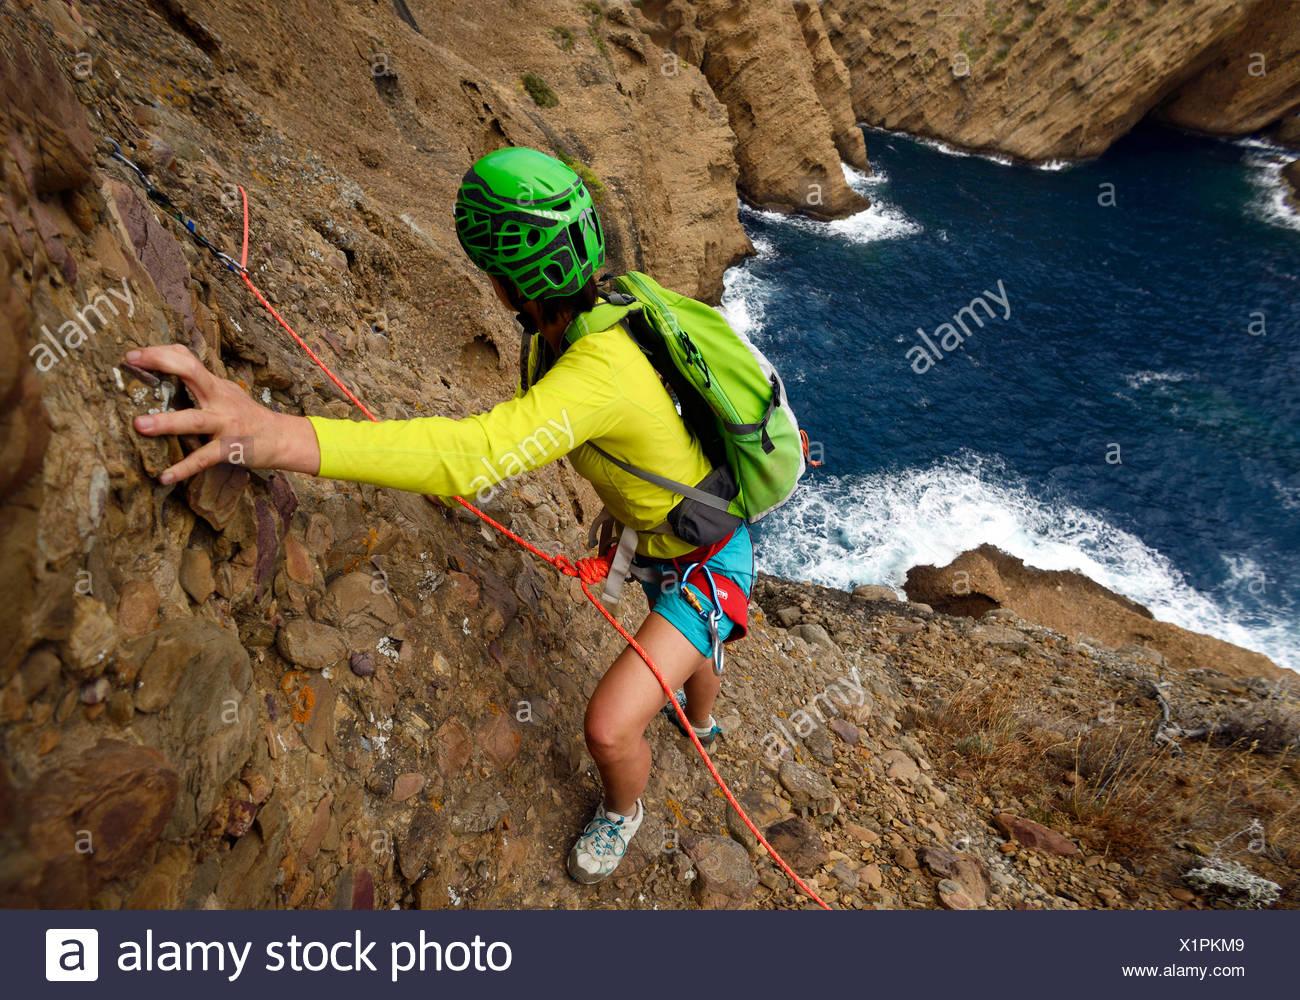 climbing at coastal rock Bec de l'Aigle, avdenture tour, France, Provence, Calanques National Park, La Ciotat - Stock Image